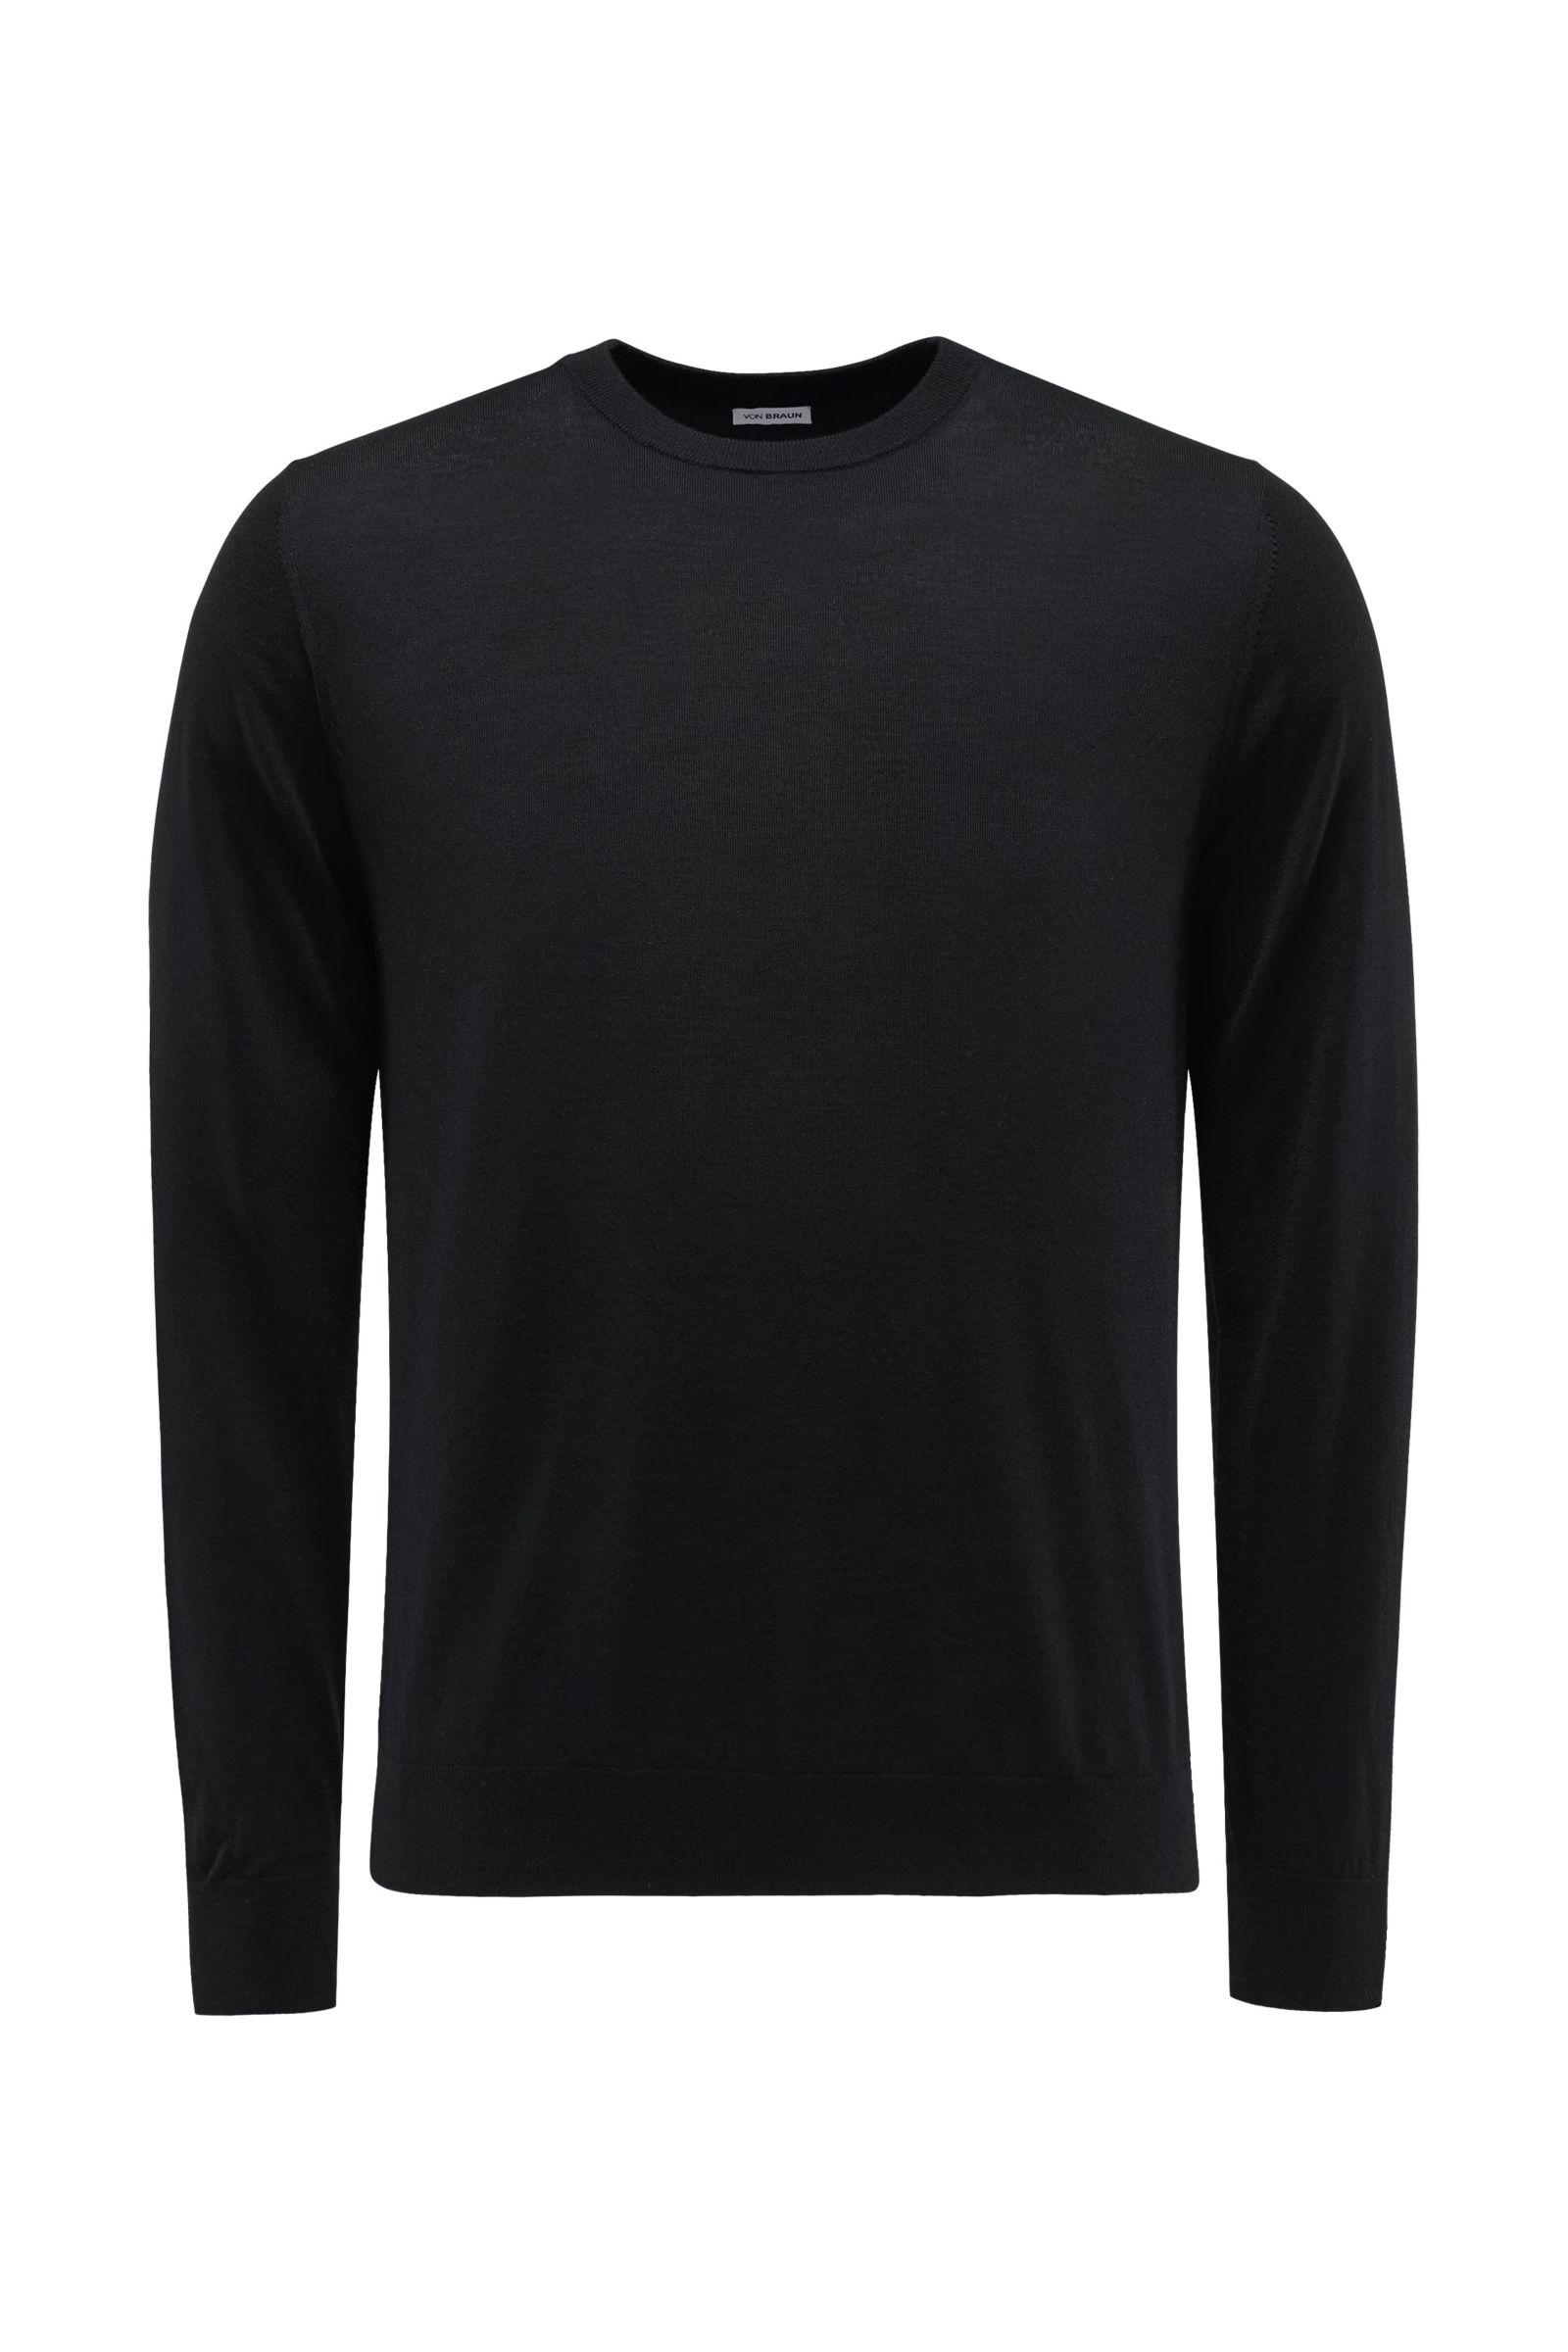 Feinstrick R-Neck Pullover schwarz